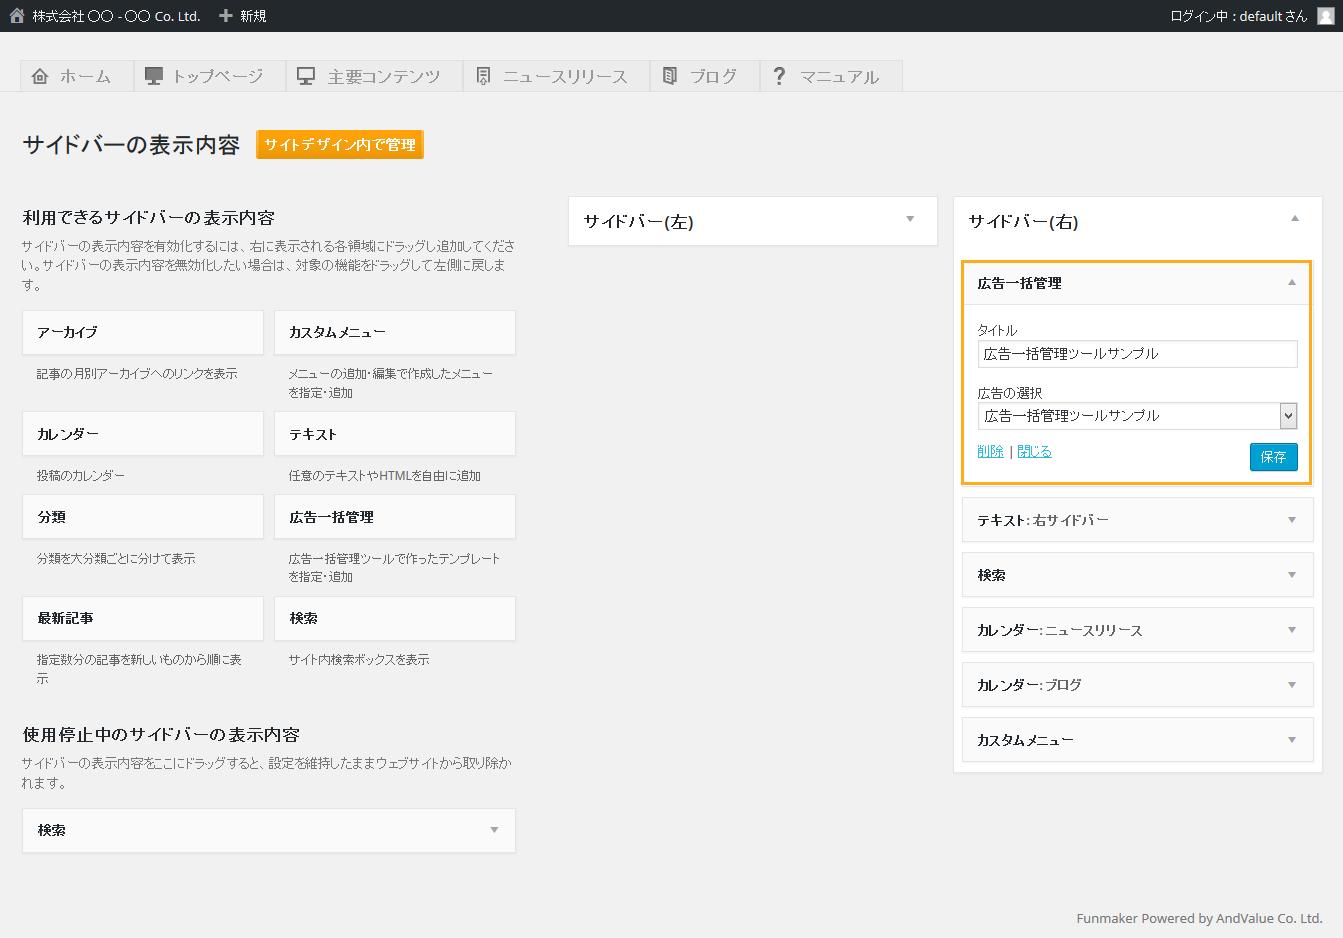 広告一括管理サイドバー設置後 - 簡単格安ホームページ作成会社 -FunMaker